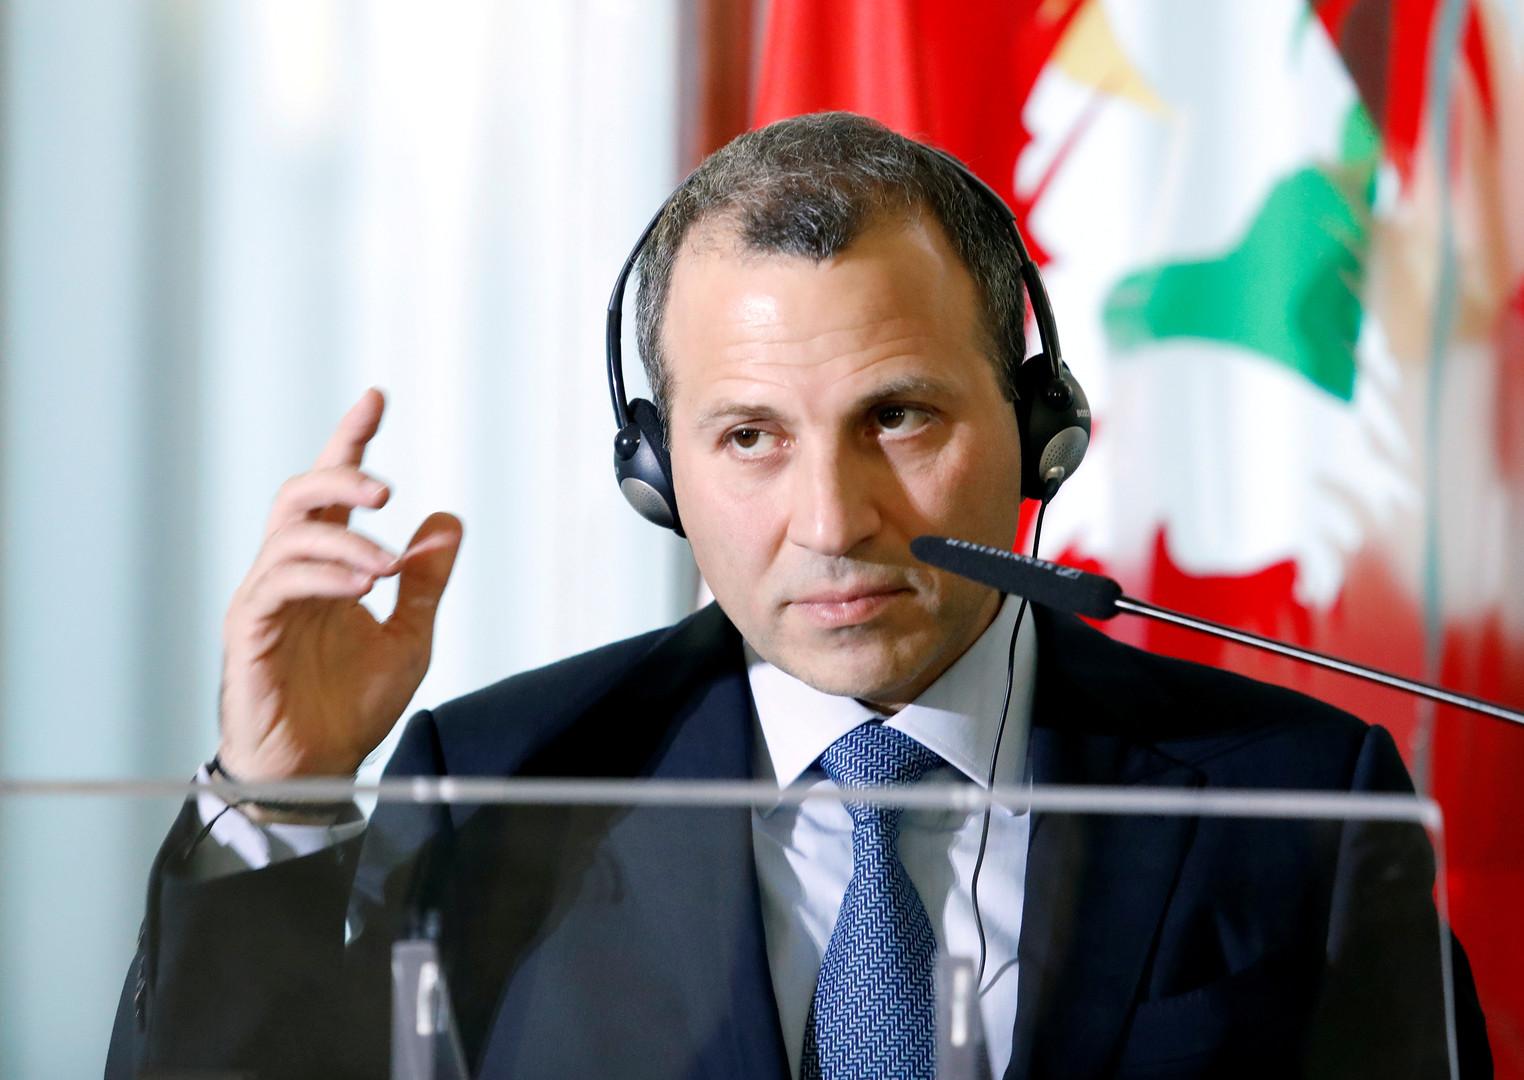 وزير خارجية لبنان: بإمكان غالبية اللاجئين السوريين العودة إلى وطنهم دون أي مخاوف أمنية